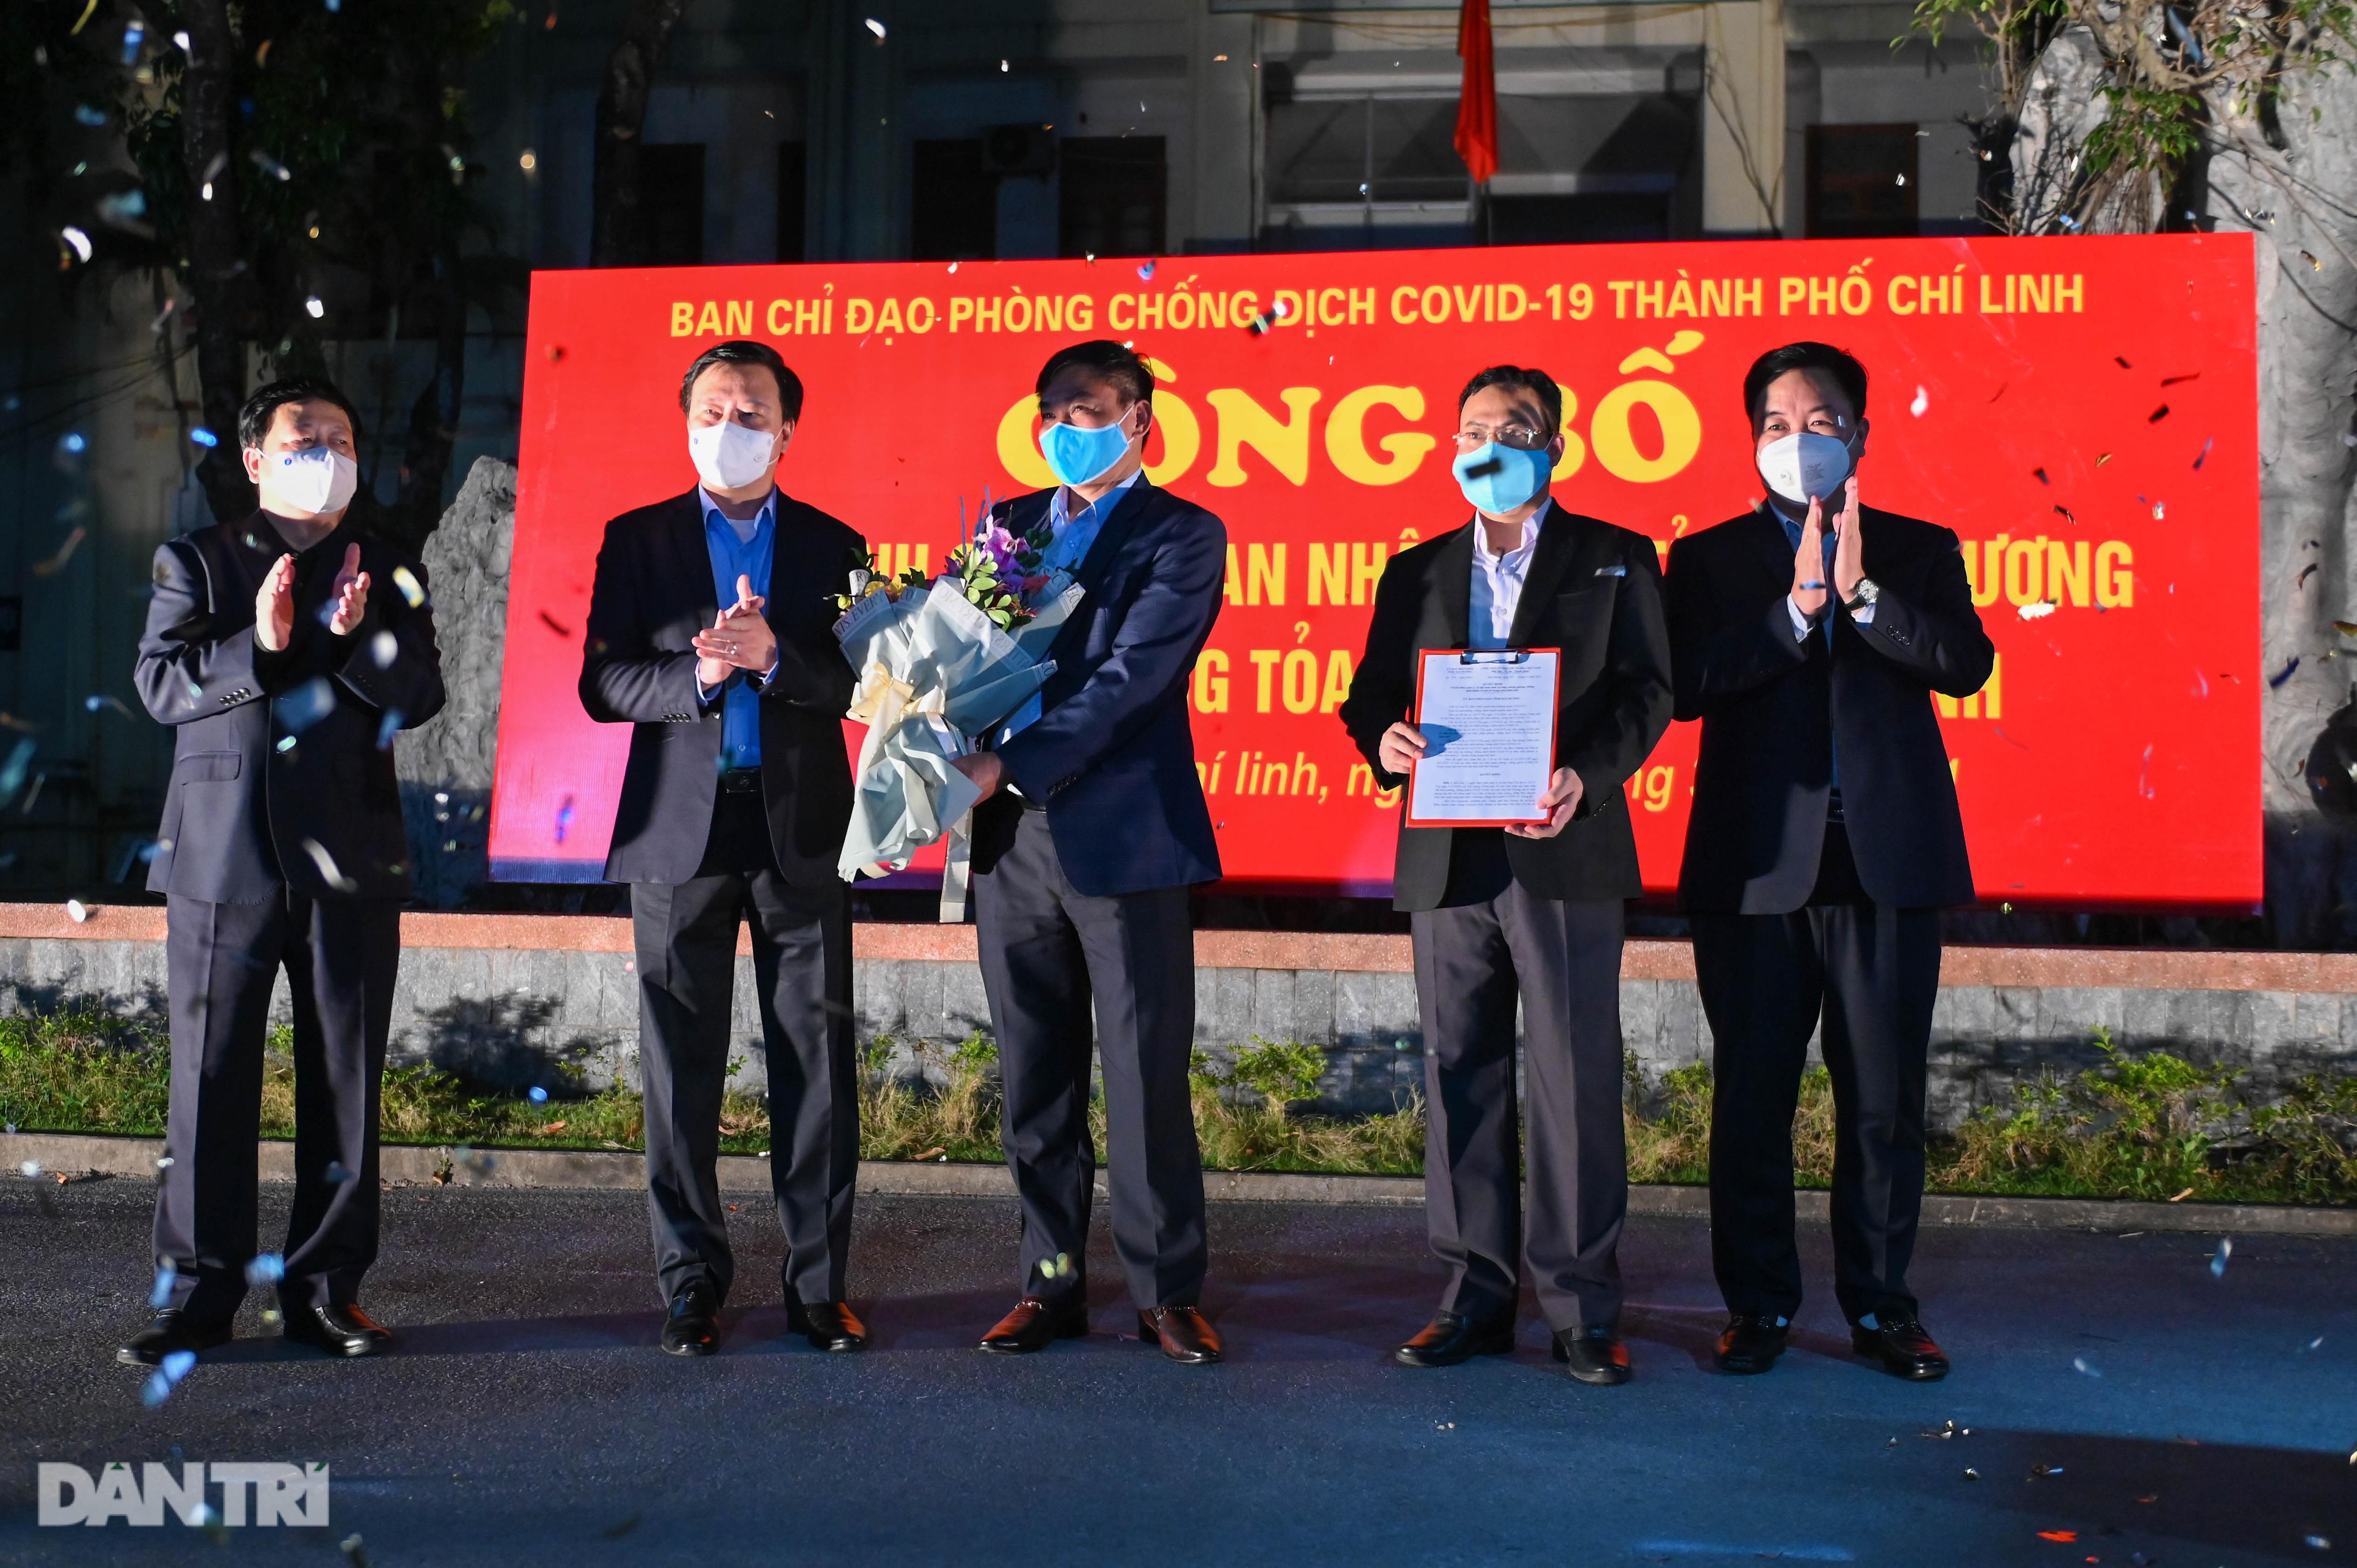 Pháo hoa rực rỡ, người dân vỡ òa cảm xúc khi TP Chí Linh được gỡ phong tỏa - 5